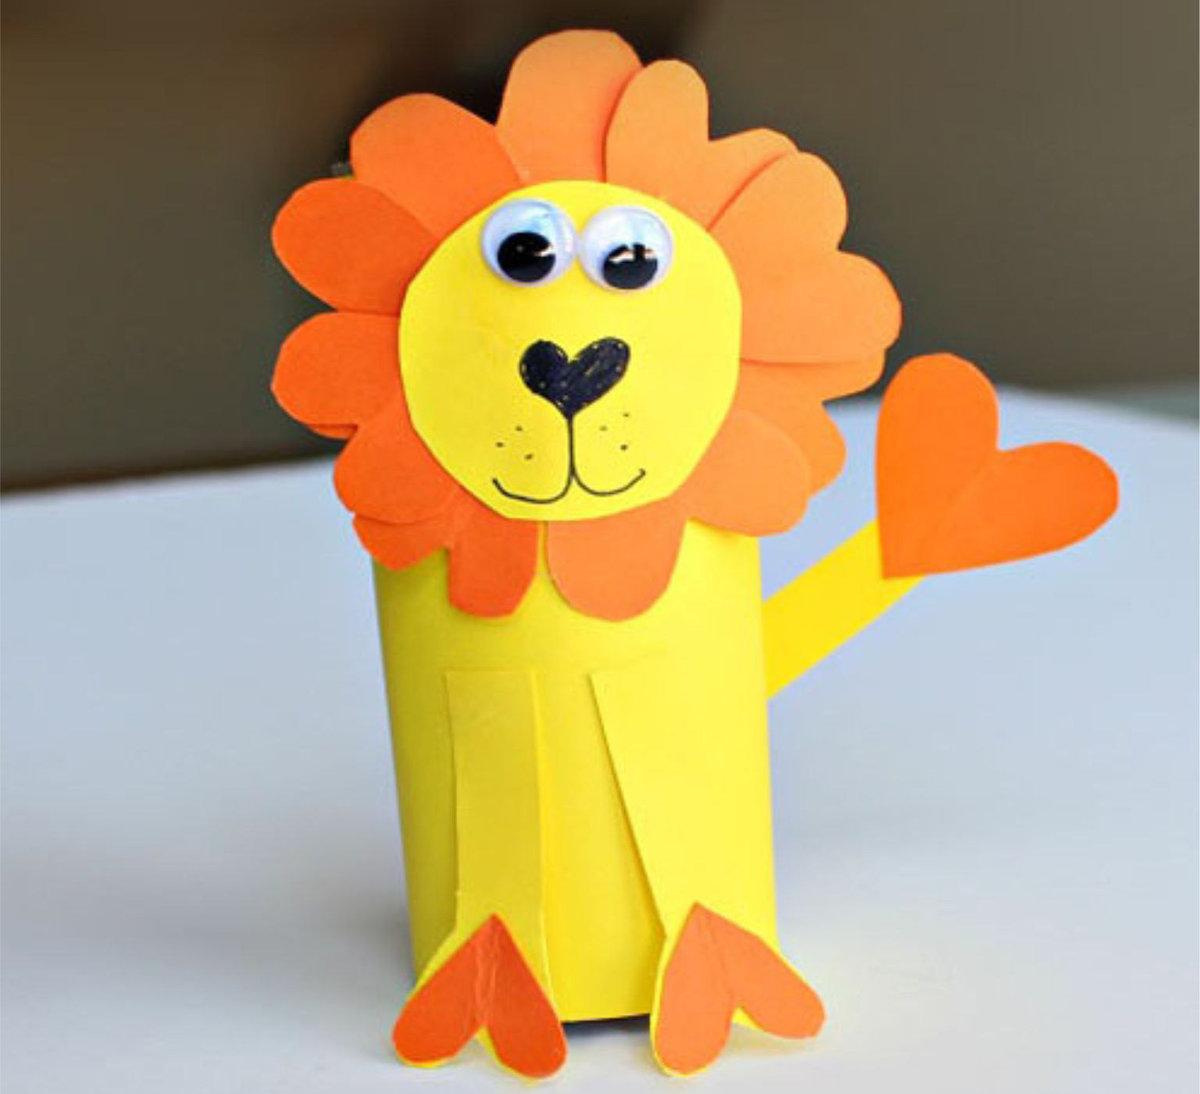 Поделка из бумаги лев своими руками для детей 10 лет 53